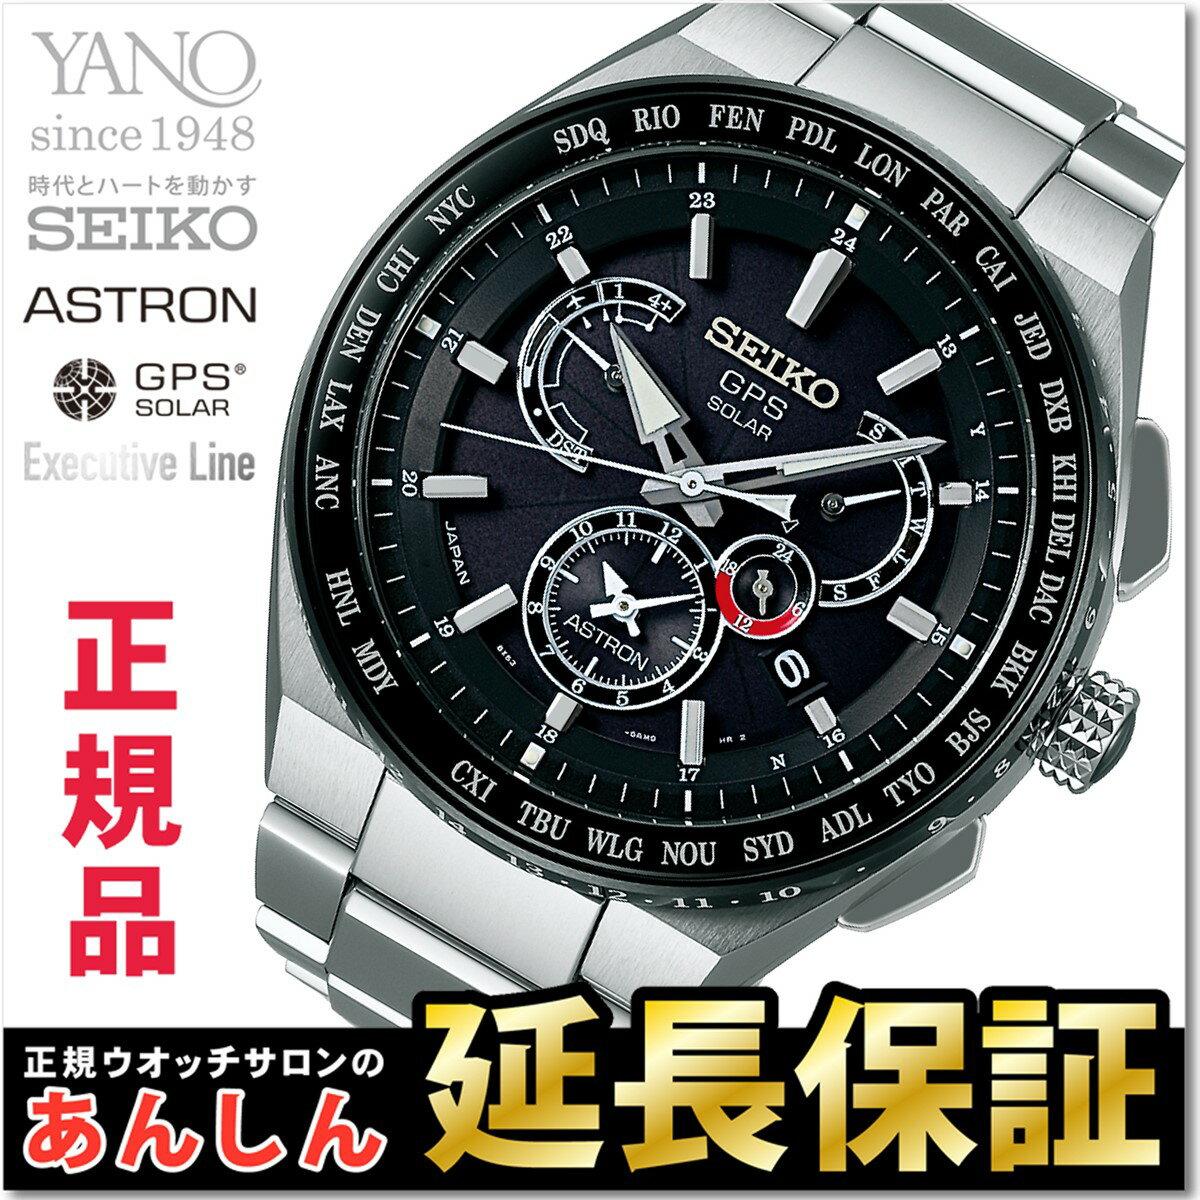 【クーポンでさらにお得!22日9時59分まで】SEIKO ASTRON セイコー アストロン SBXB123 エグゼクティブライン GPSソーラー 衛星電波時計 メンズ 腕時計 【0617】_10spl※6月23日発売